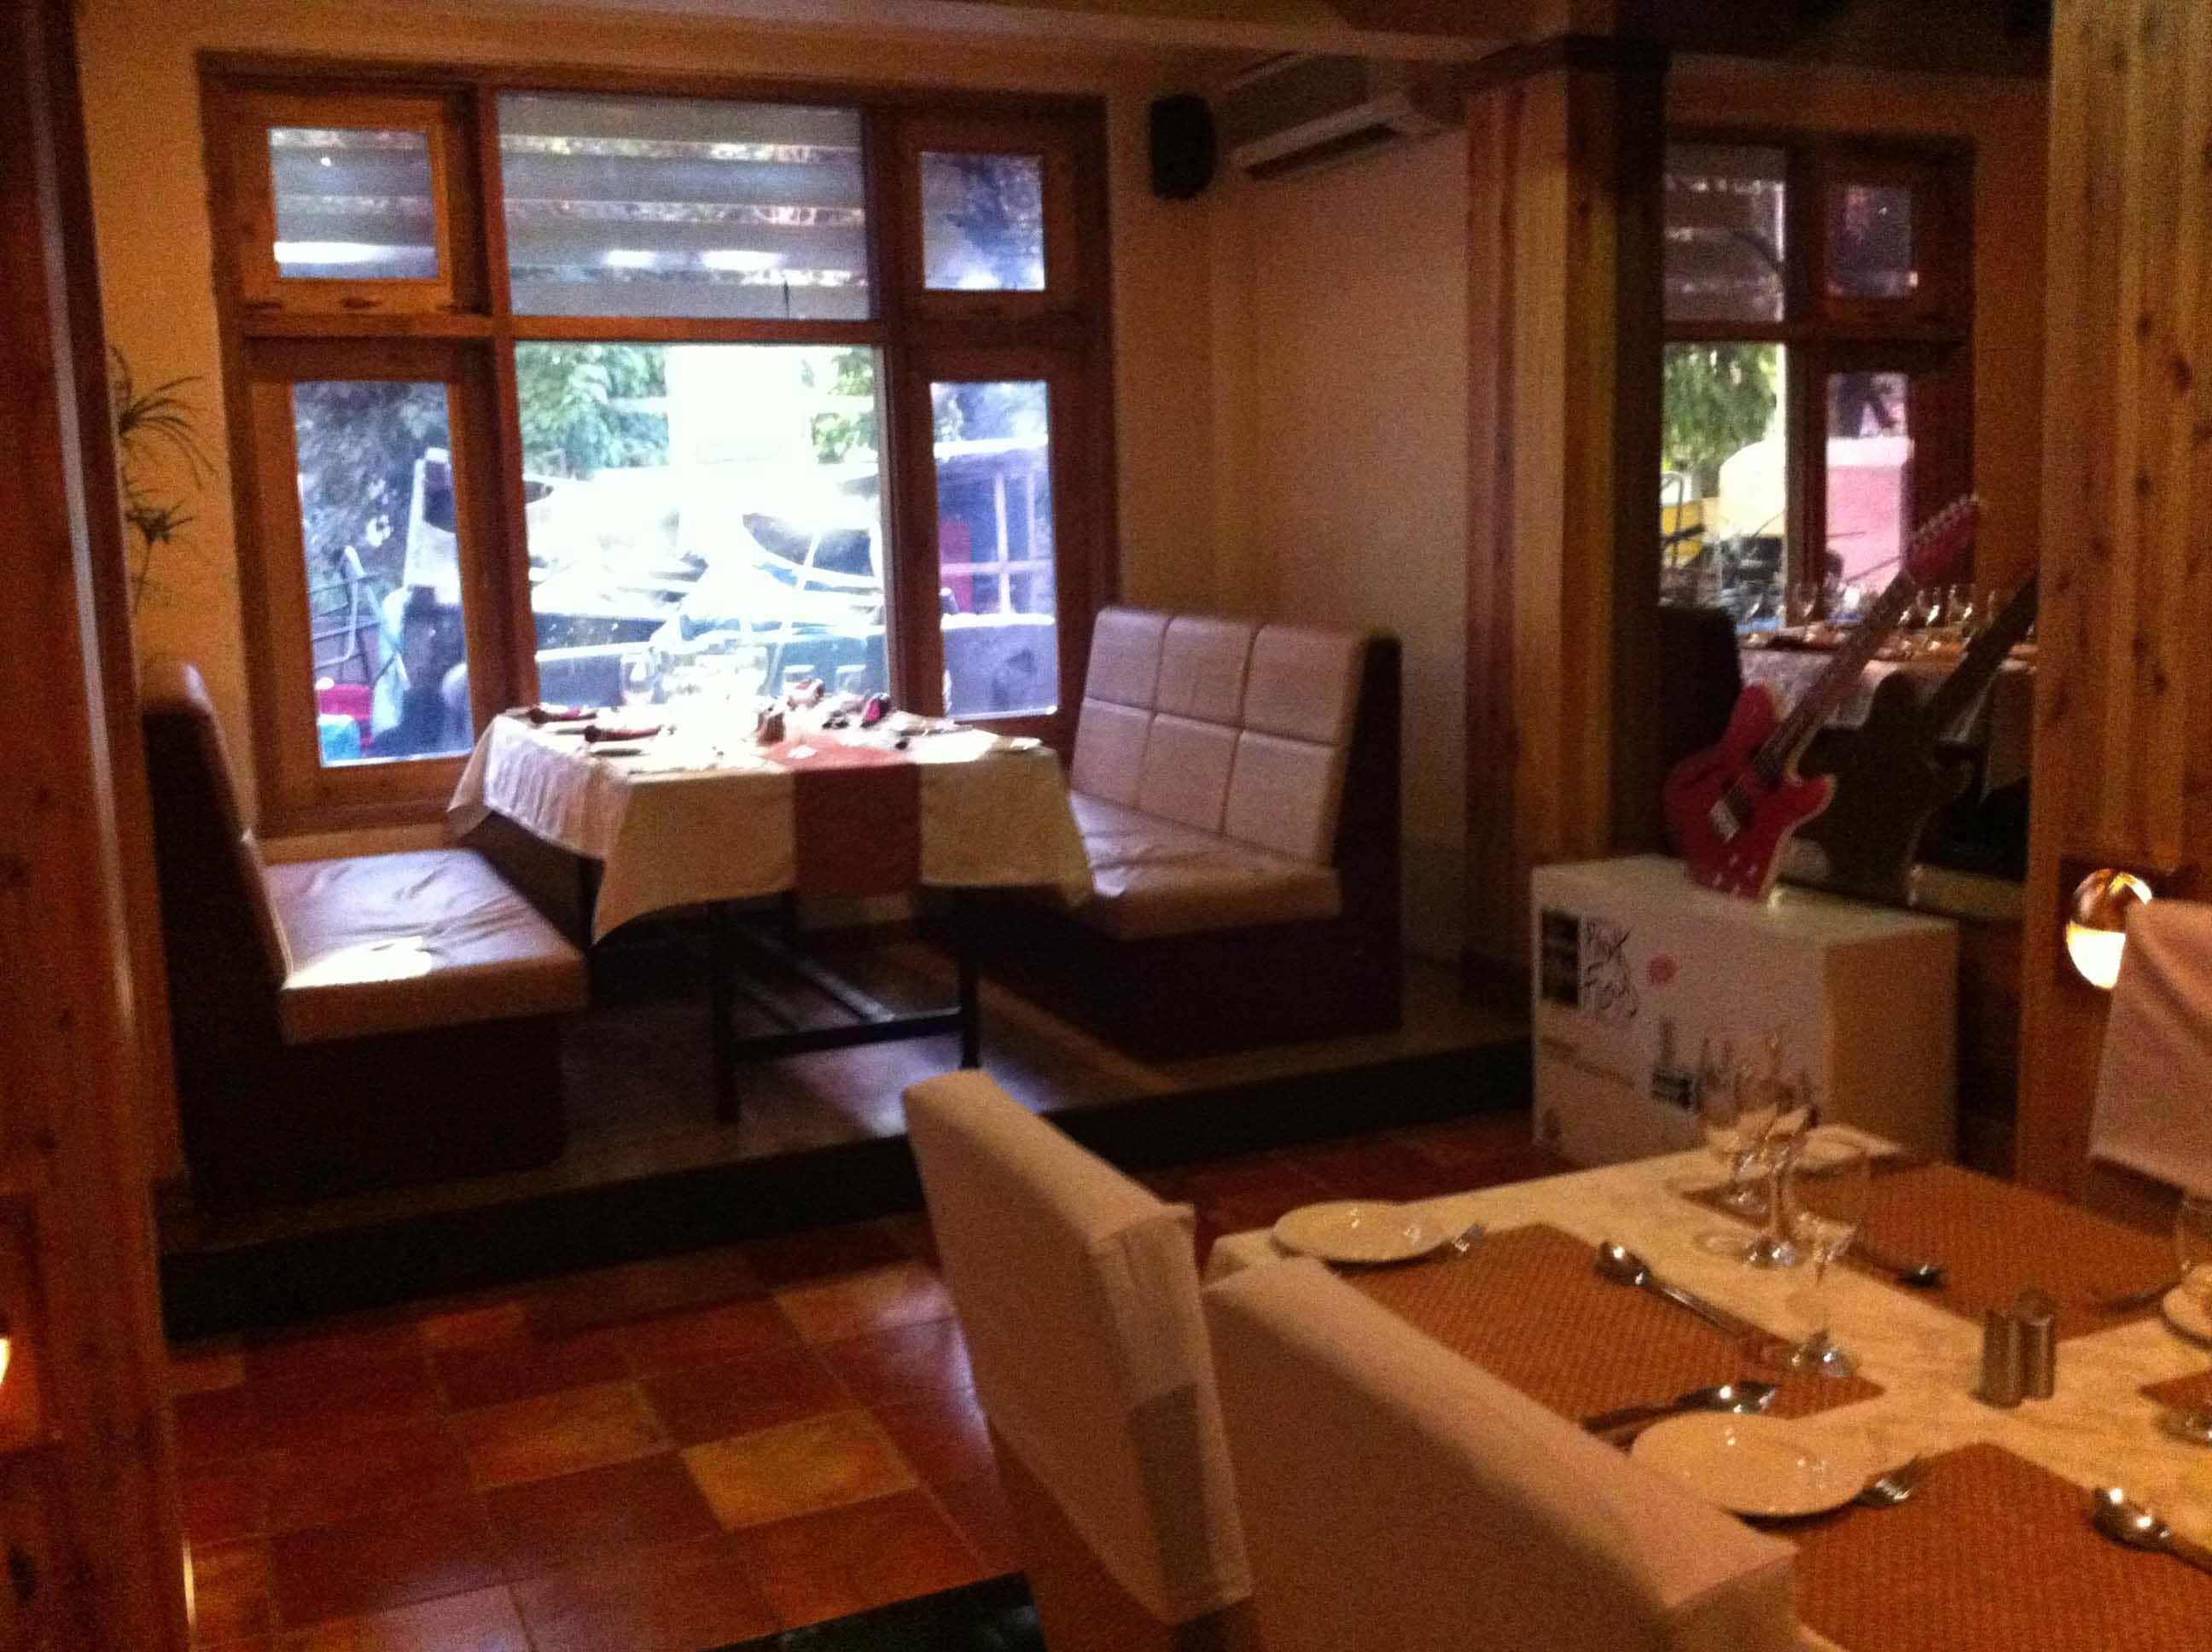 The Yellow Table Landmark Hotel - Ulubari - Guwahati Image